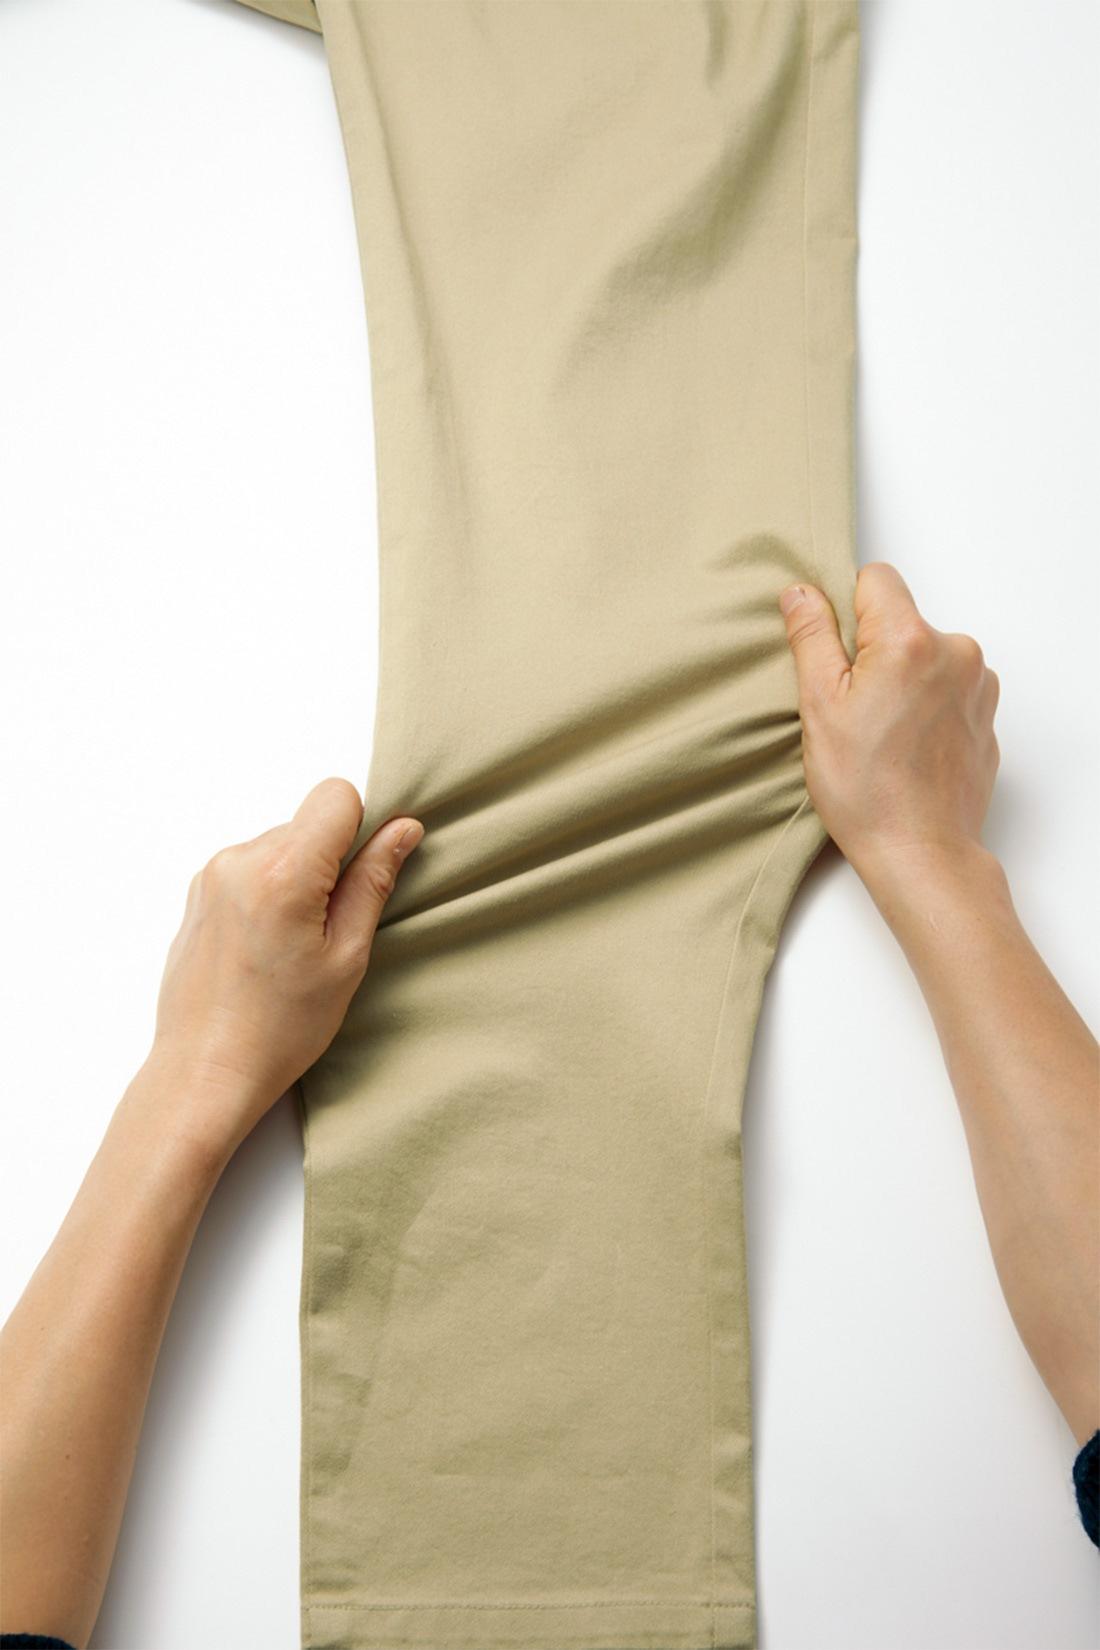 ストレッチ性抜群の素材で、アクティブに動ける伸びやかさ! 美脚ラインはそのままに、らくちんストレスフリーなはき心地を実現しています。